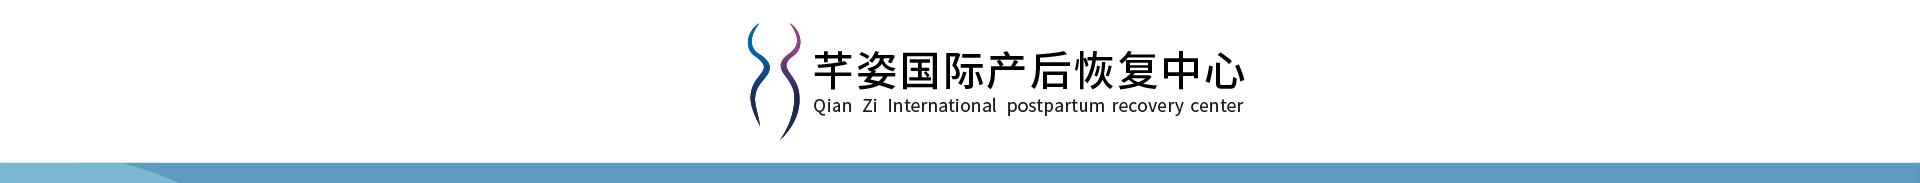 芊姿国际产后恢复中心qzchxf_01